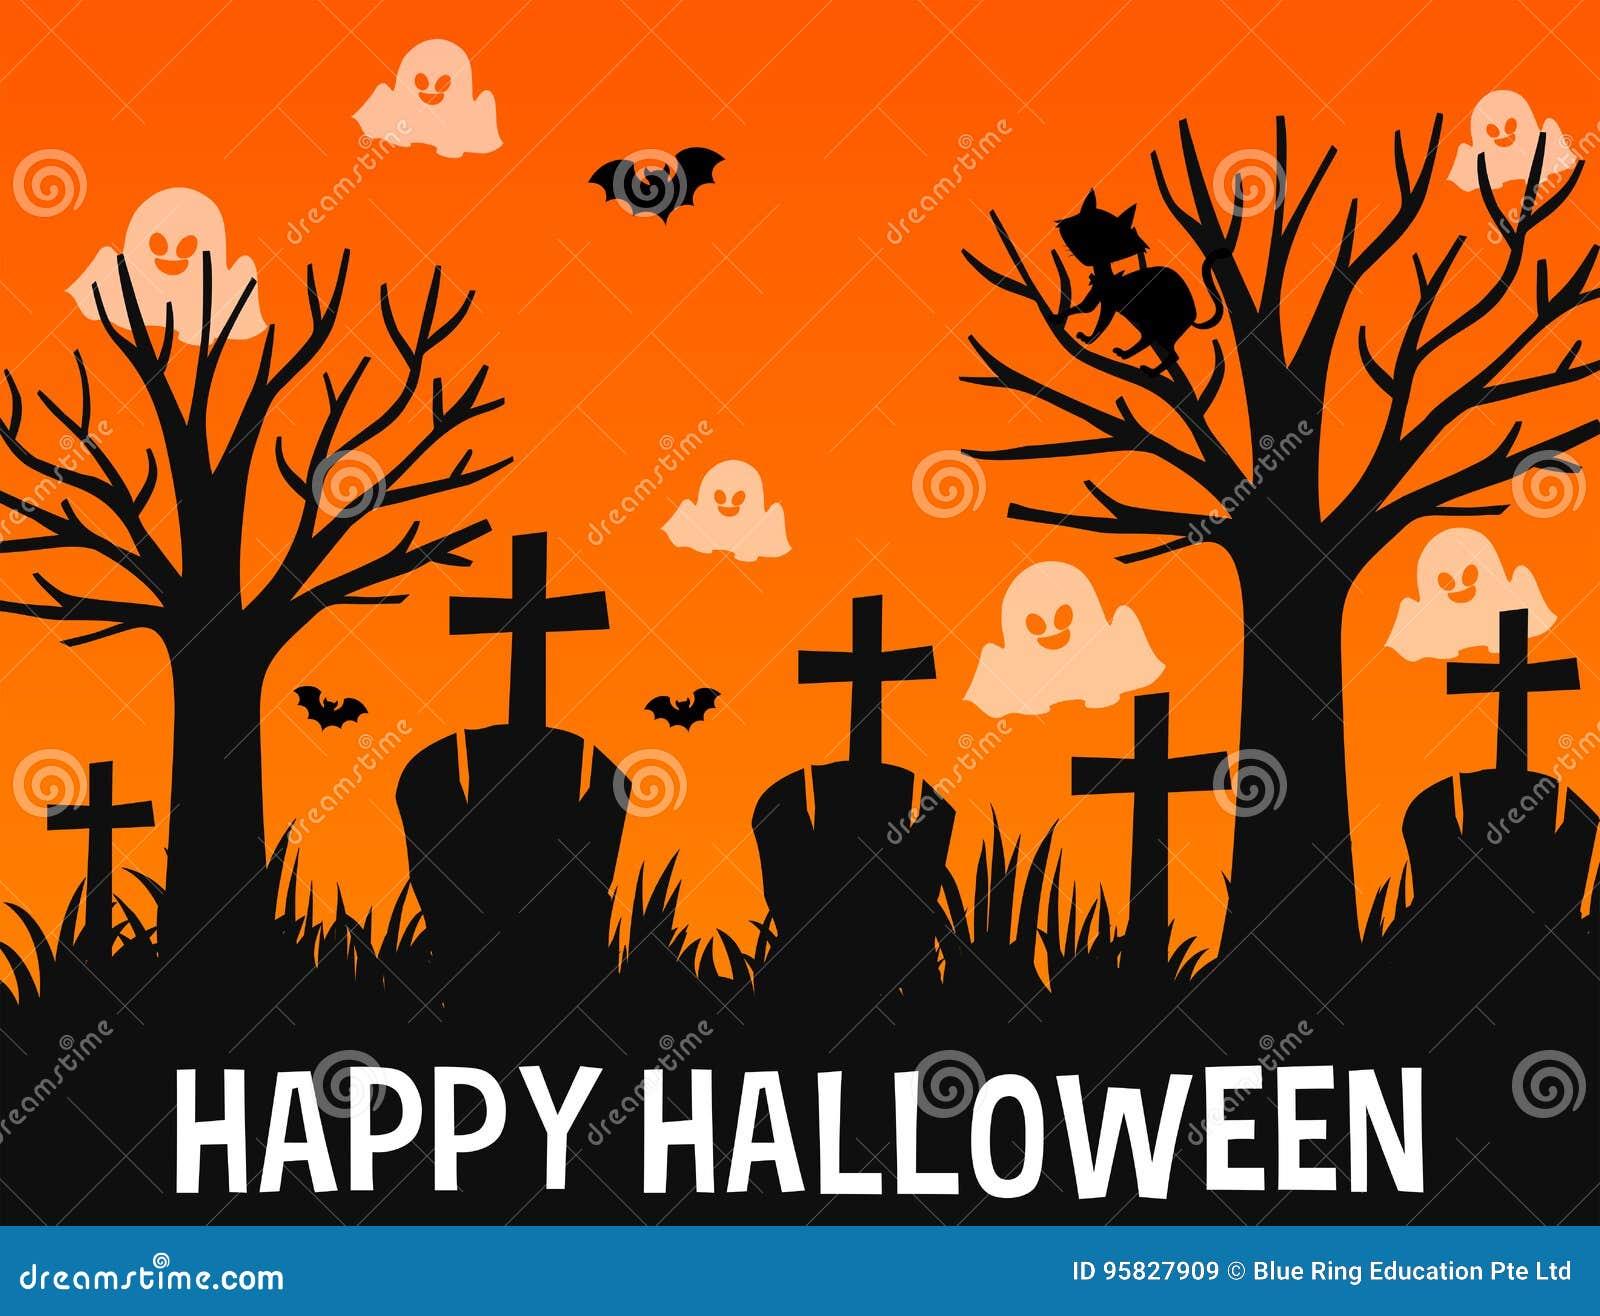 Conception Heureuse D Affiche De Halloween Avec Des Fantômes